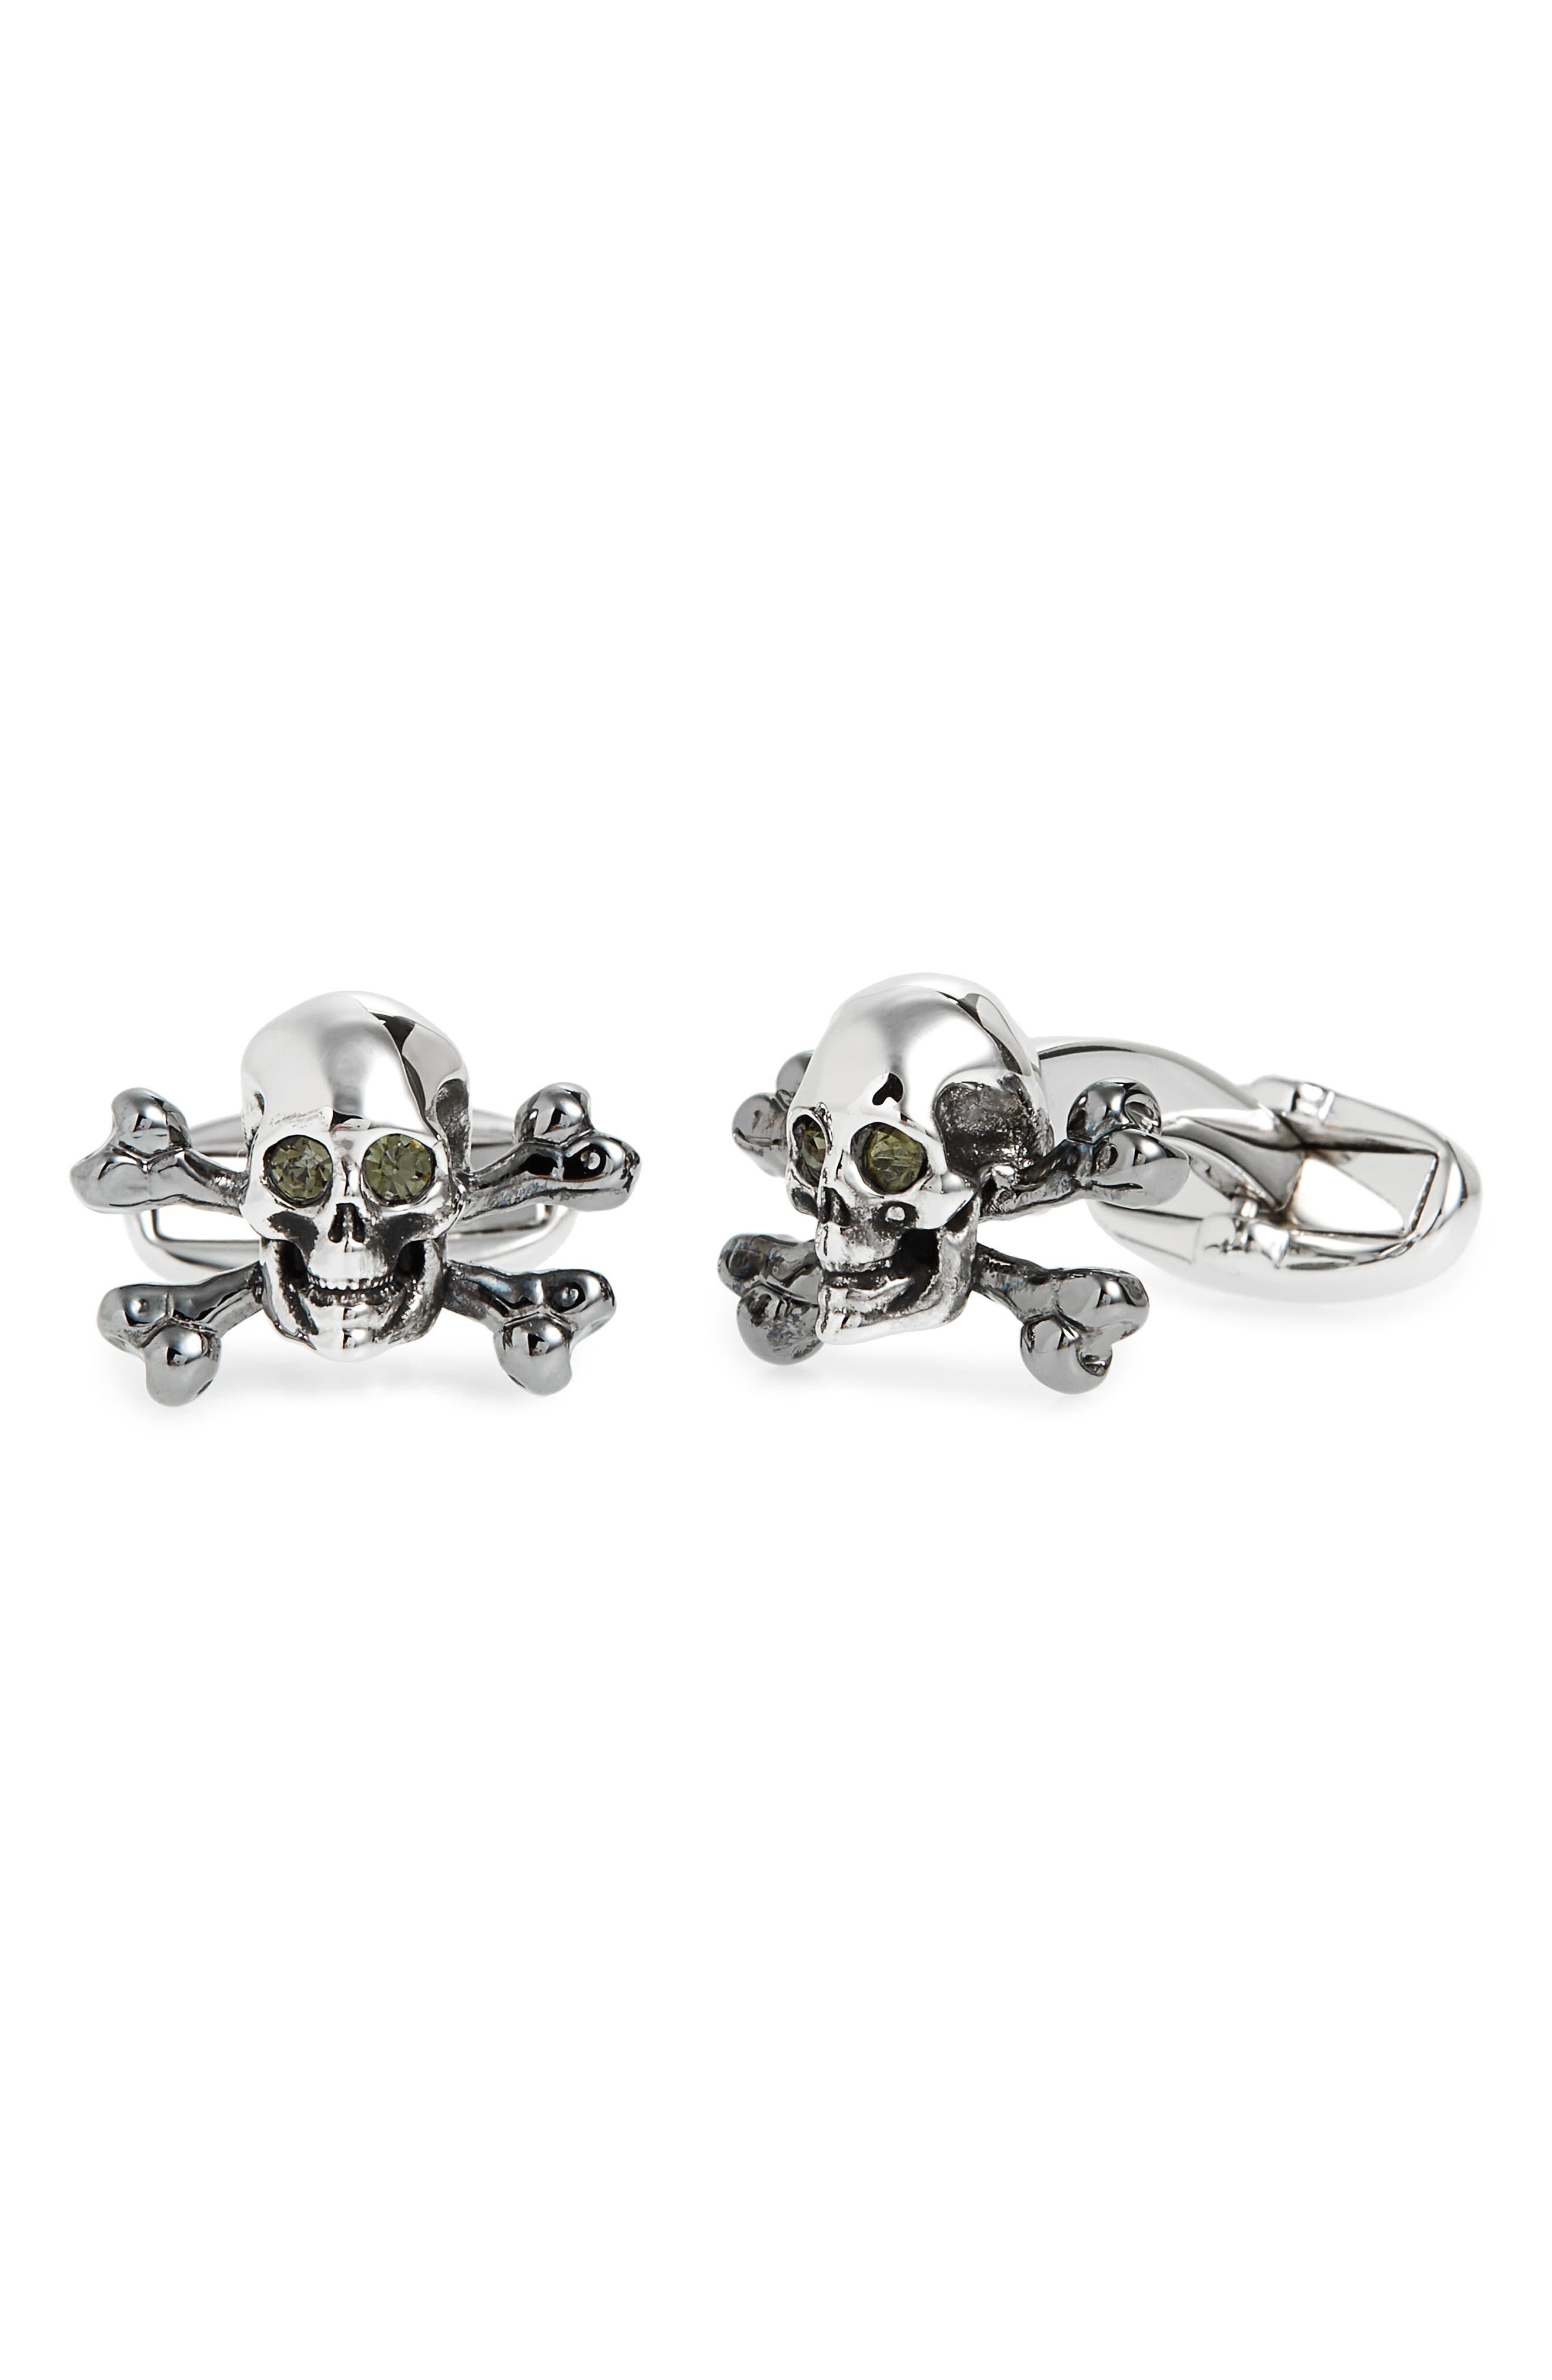 Skull & Crossbones Cuff Links,                         Main,                         color, 003